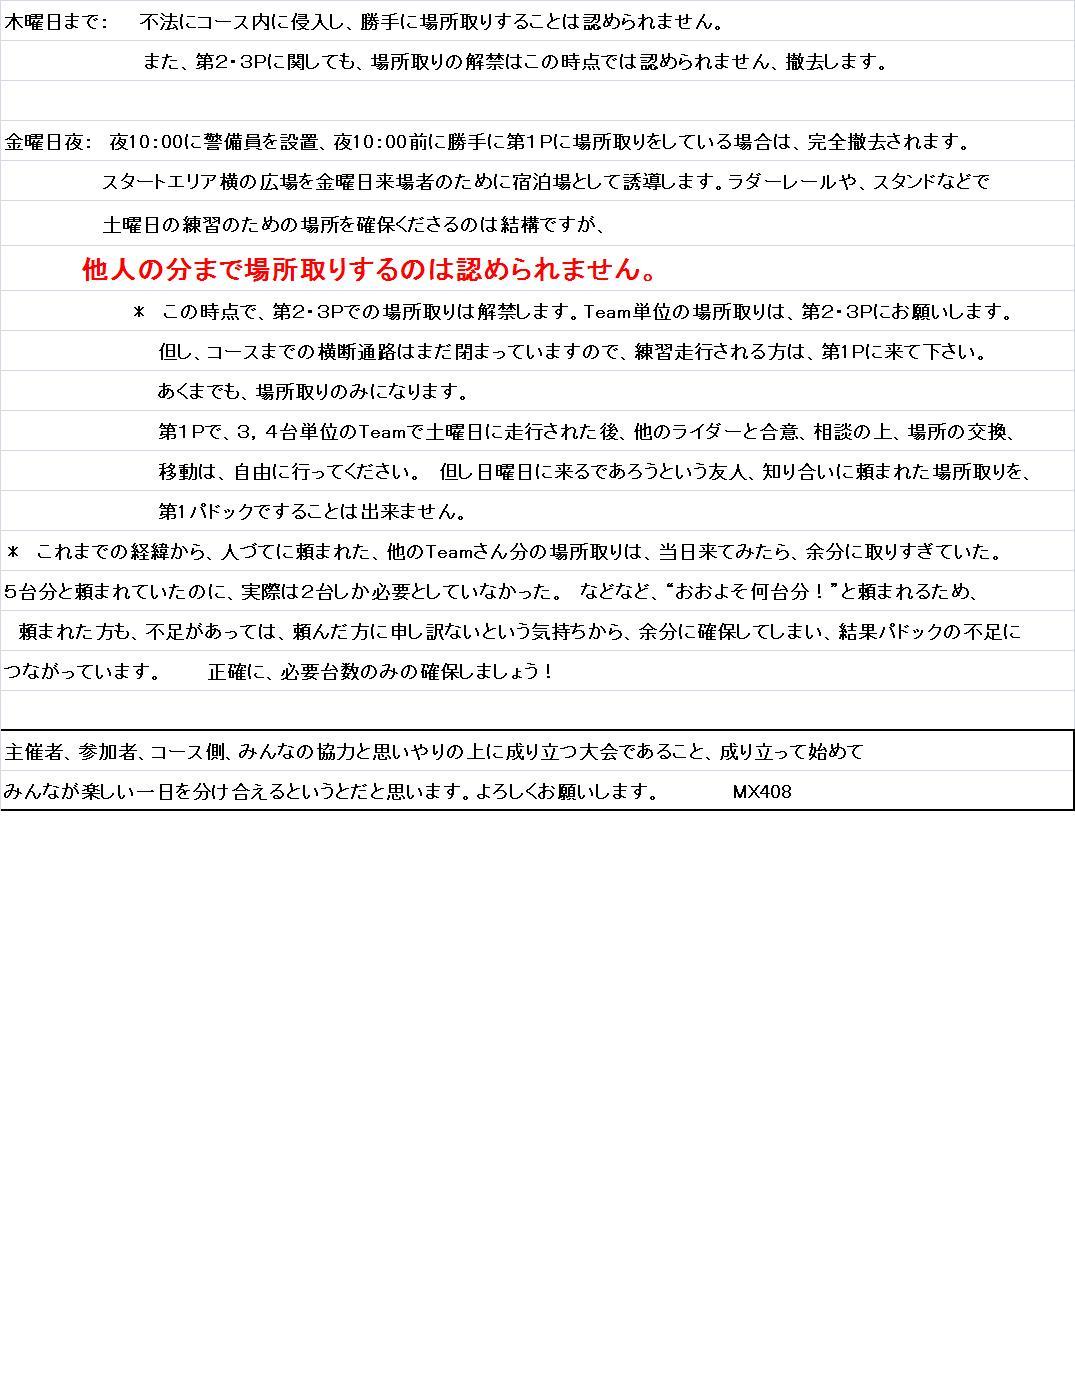 5/1(土)タイムスケジュール_f0158379_1915946.jpg